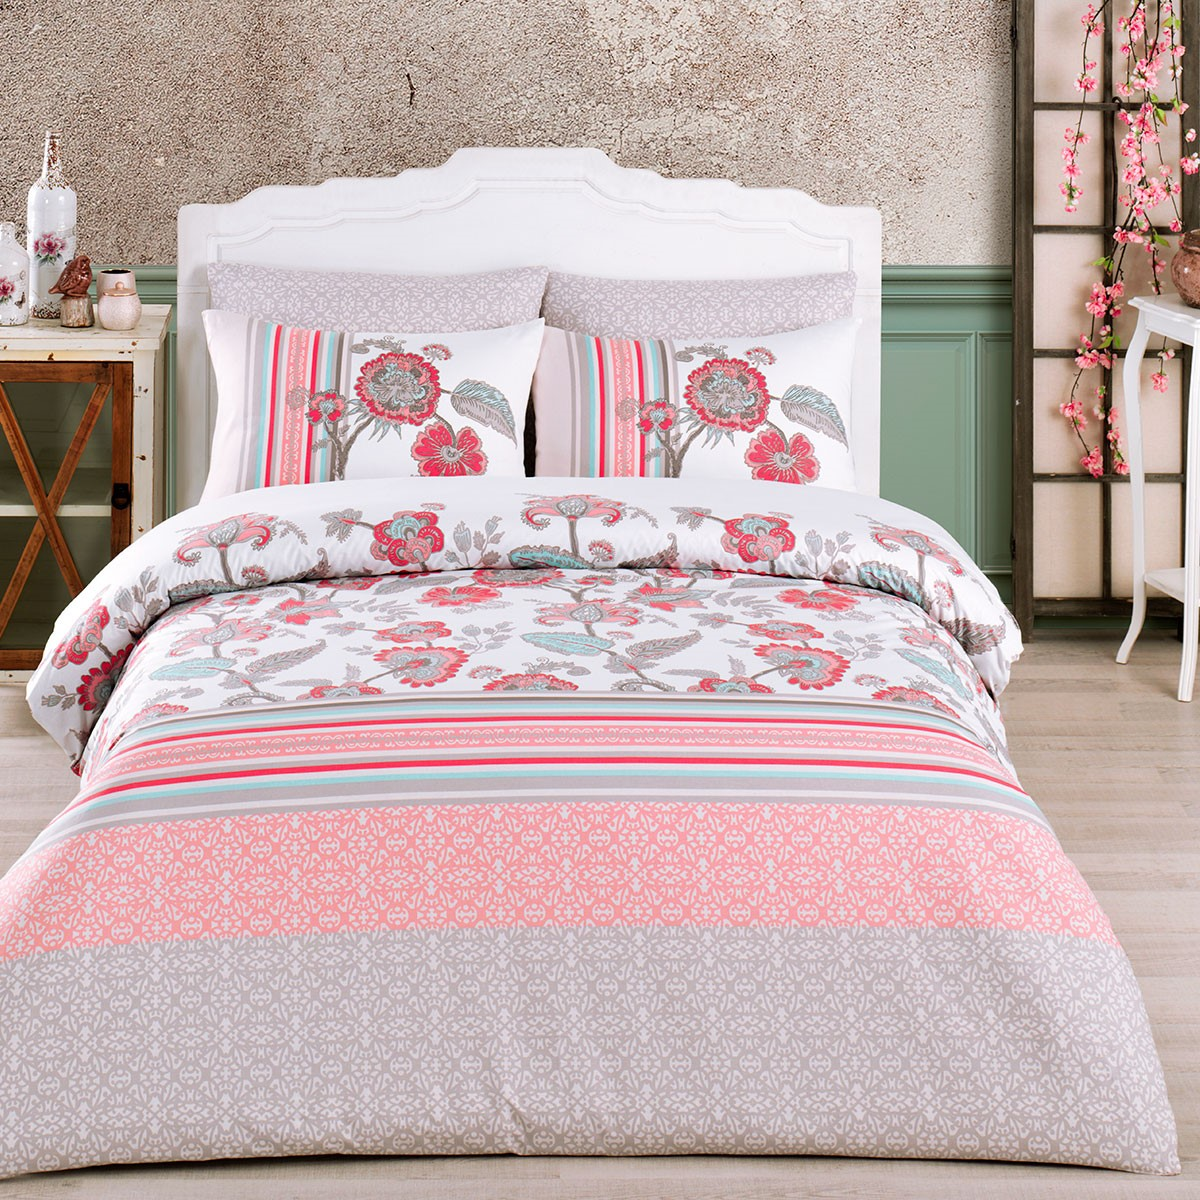 Какой текстиль подходит для постельного белья